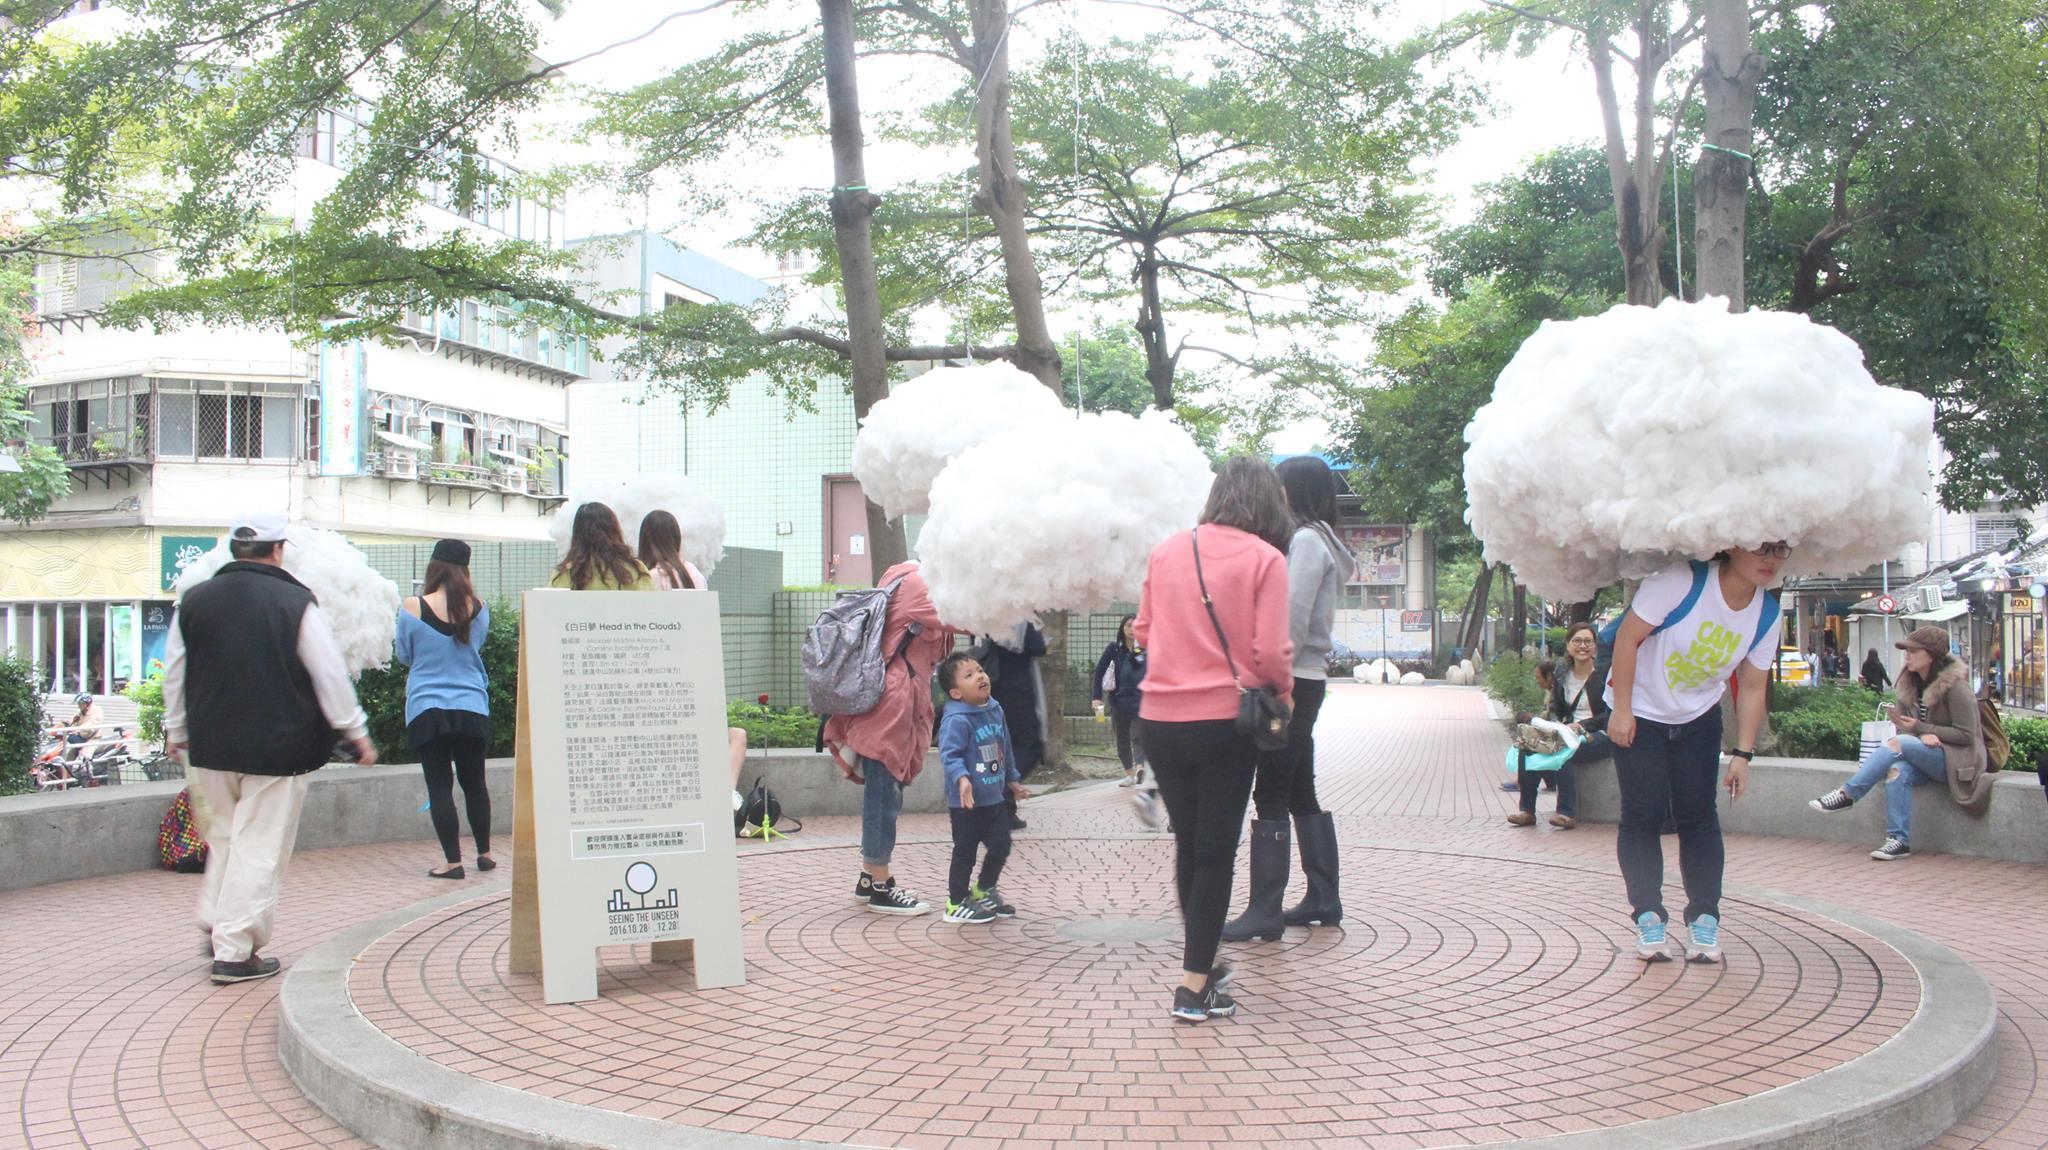 捷運中山站旁,「白日夢」打造出夢幻氛圍,吸引民眾互動。 攝影/蔡曉松